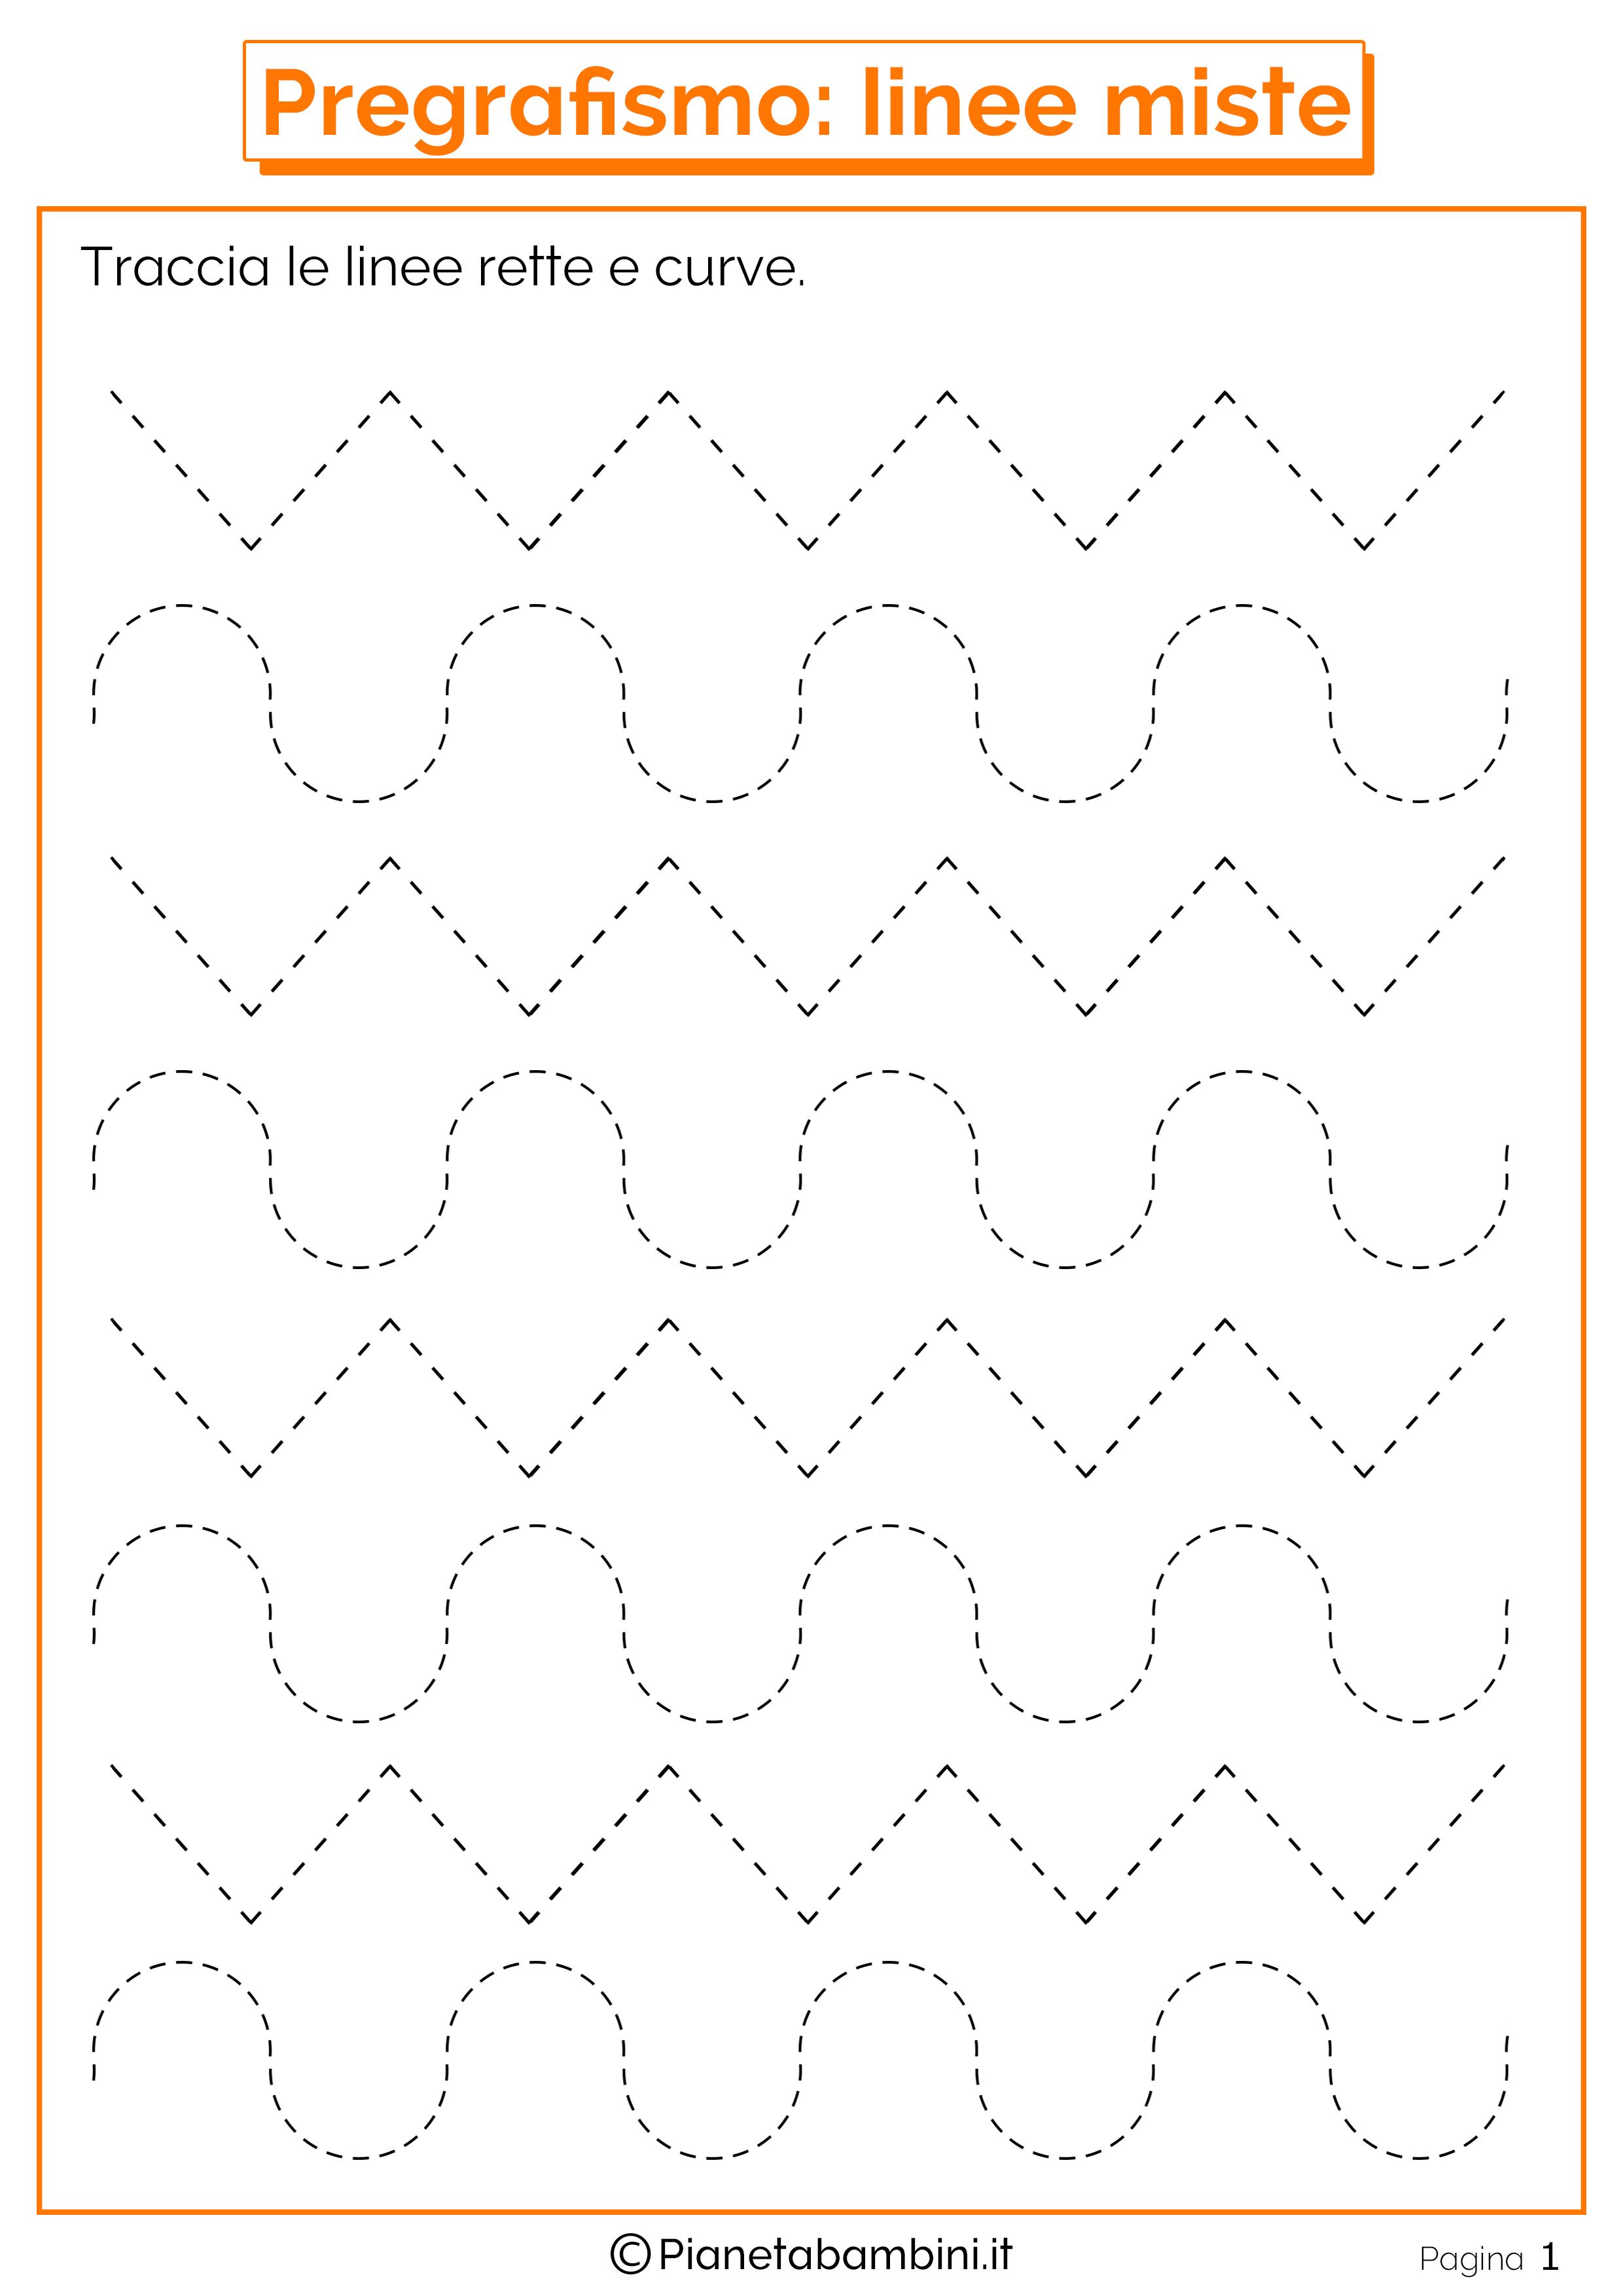 Preferenza Schede di Pregrafismo di Percorsi con Linee Rette e Curve  FZ32